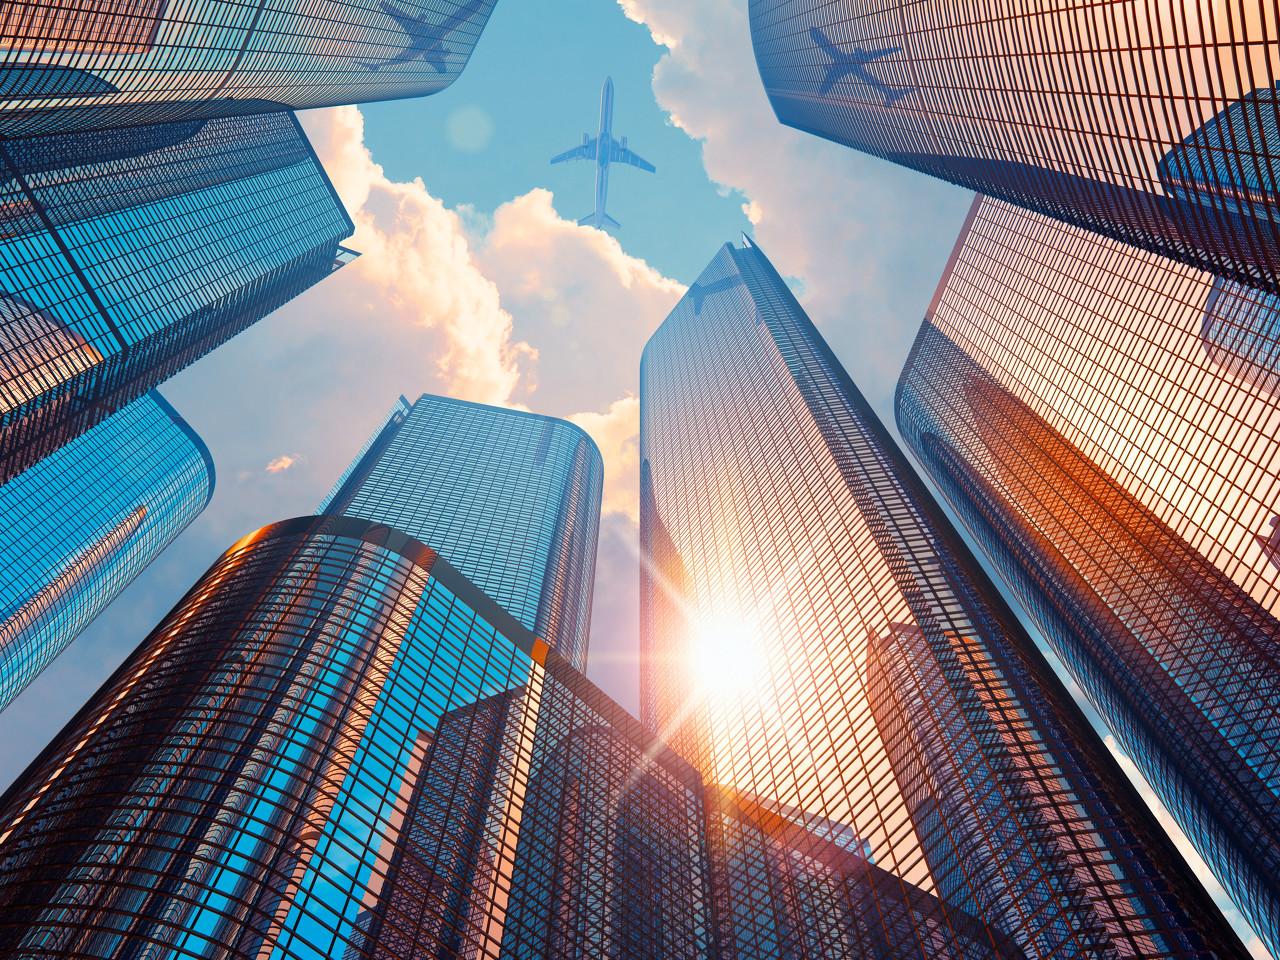 三线忙托底、二线打补丁、一线管市场!楼市因城施策调控分化加速